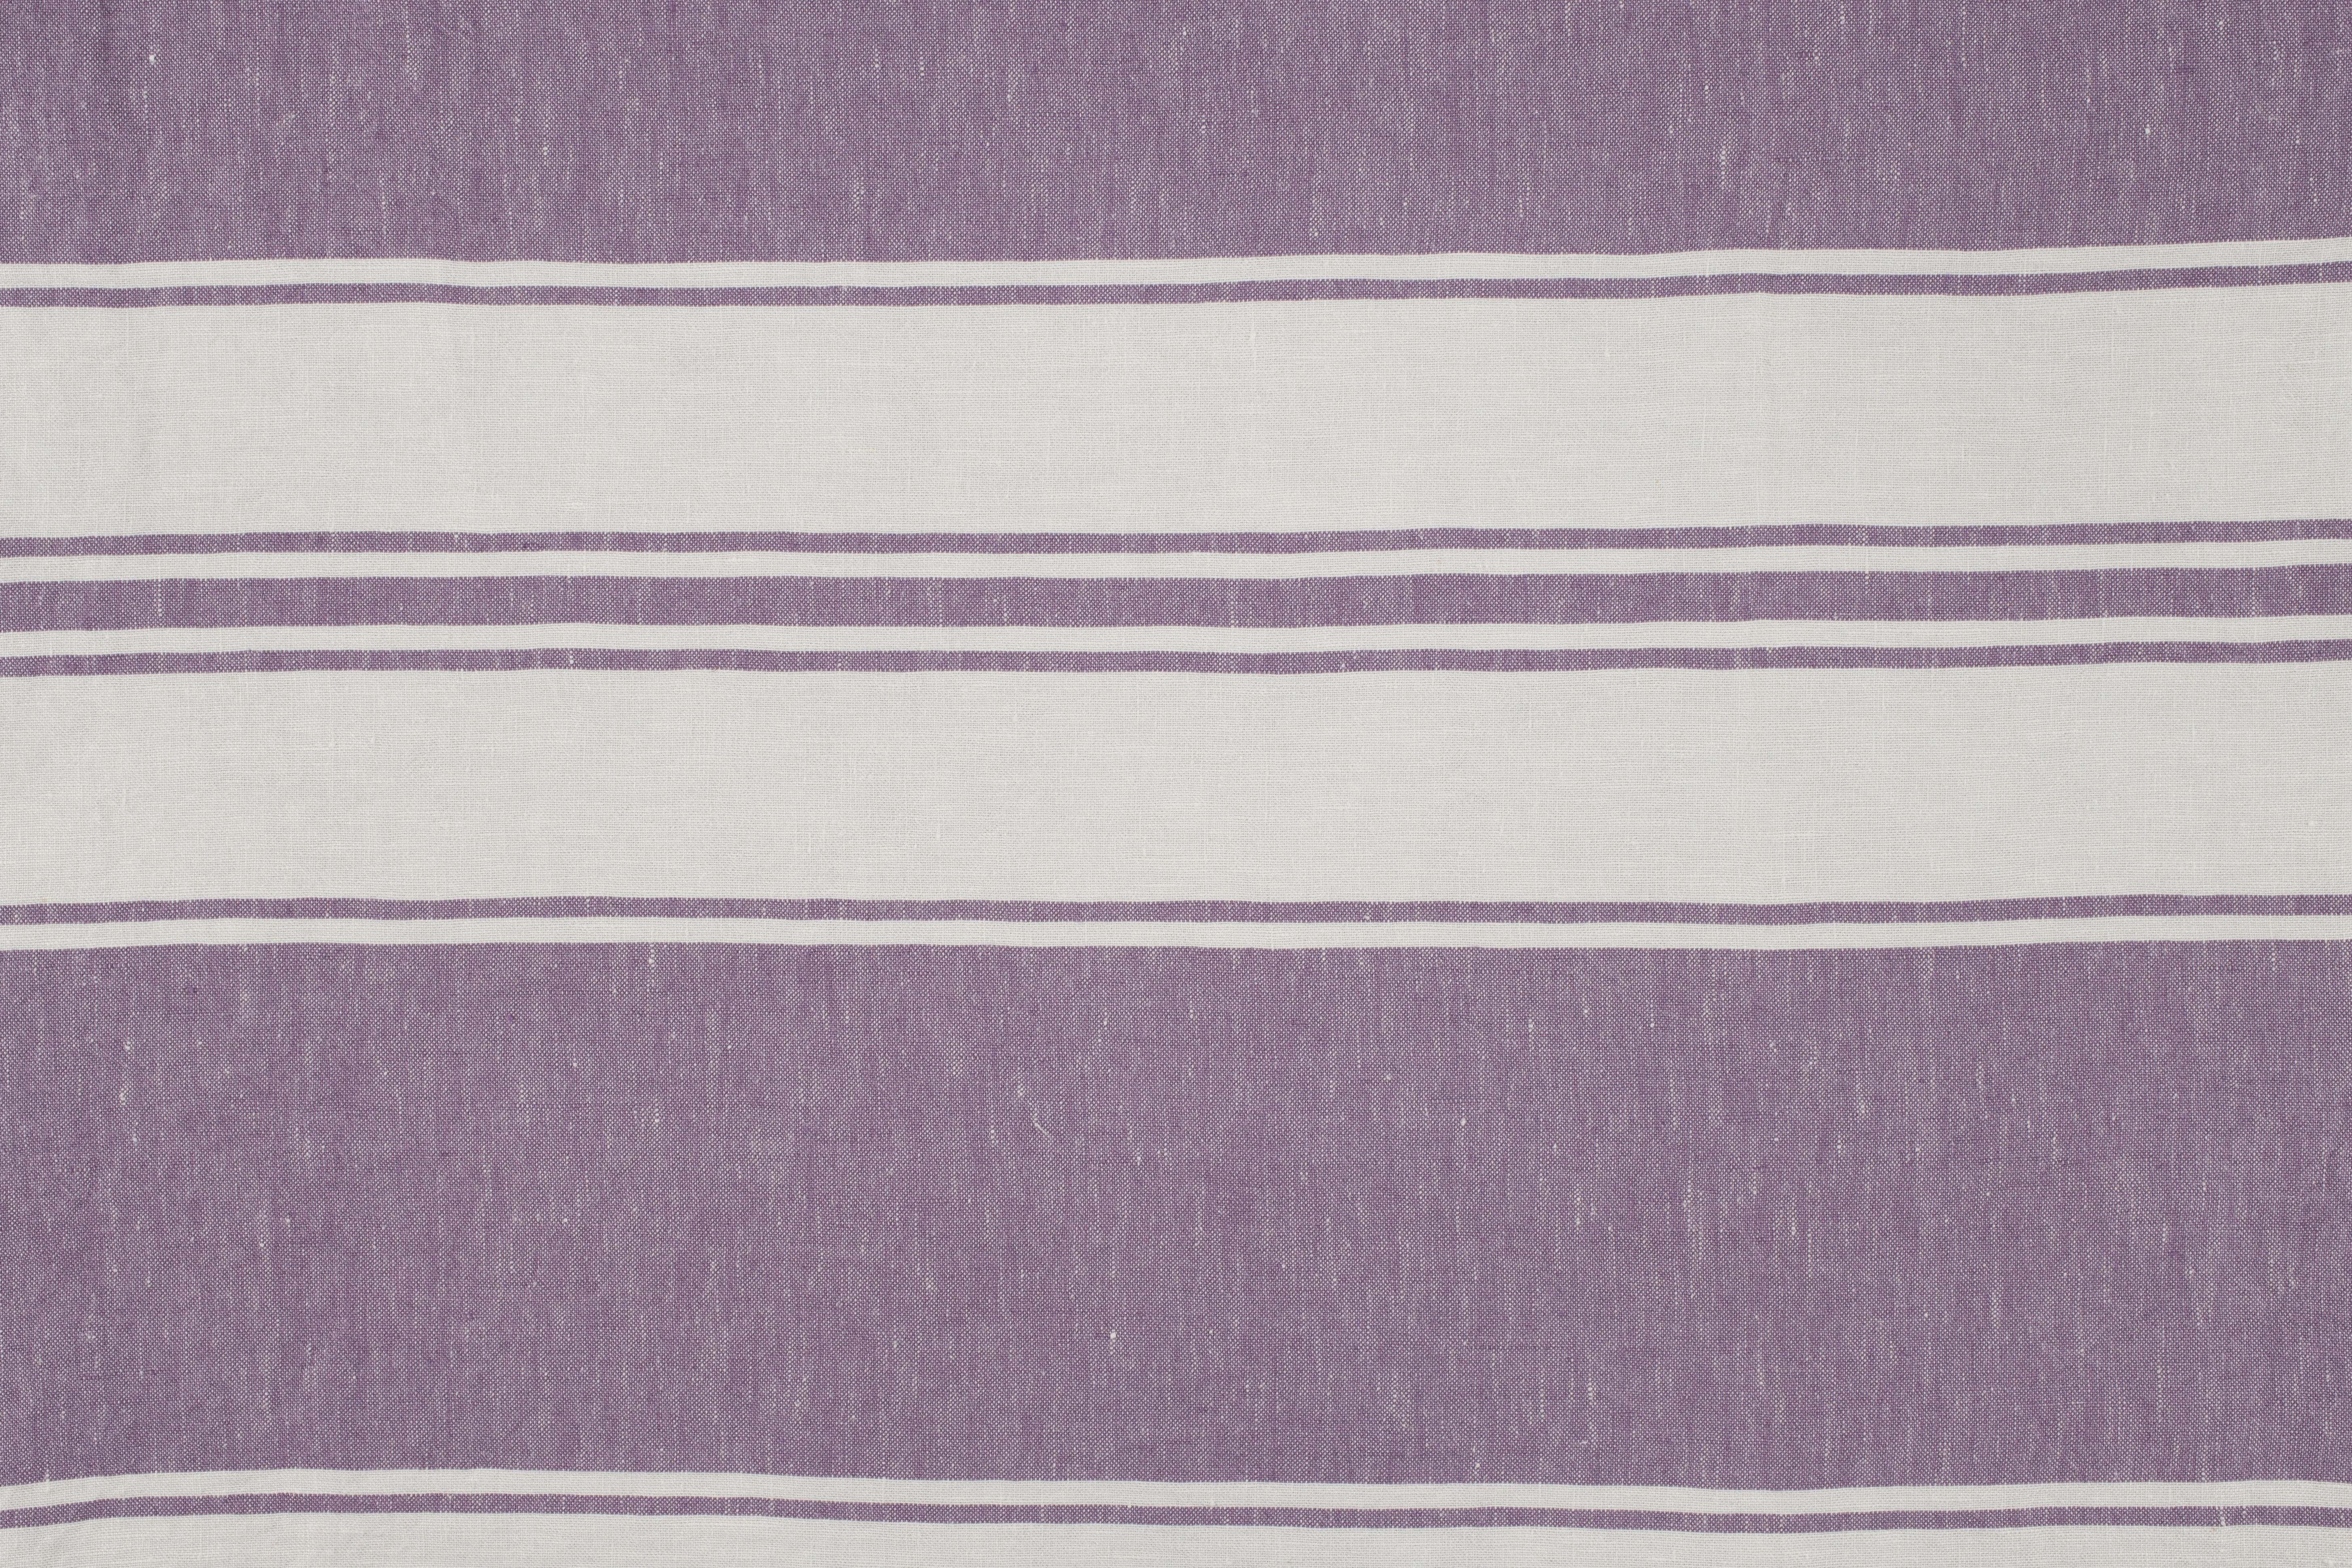 LAVENO BARRE' MACHE' Off White-Violet Striped